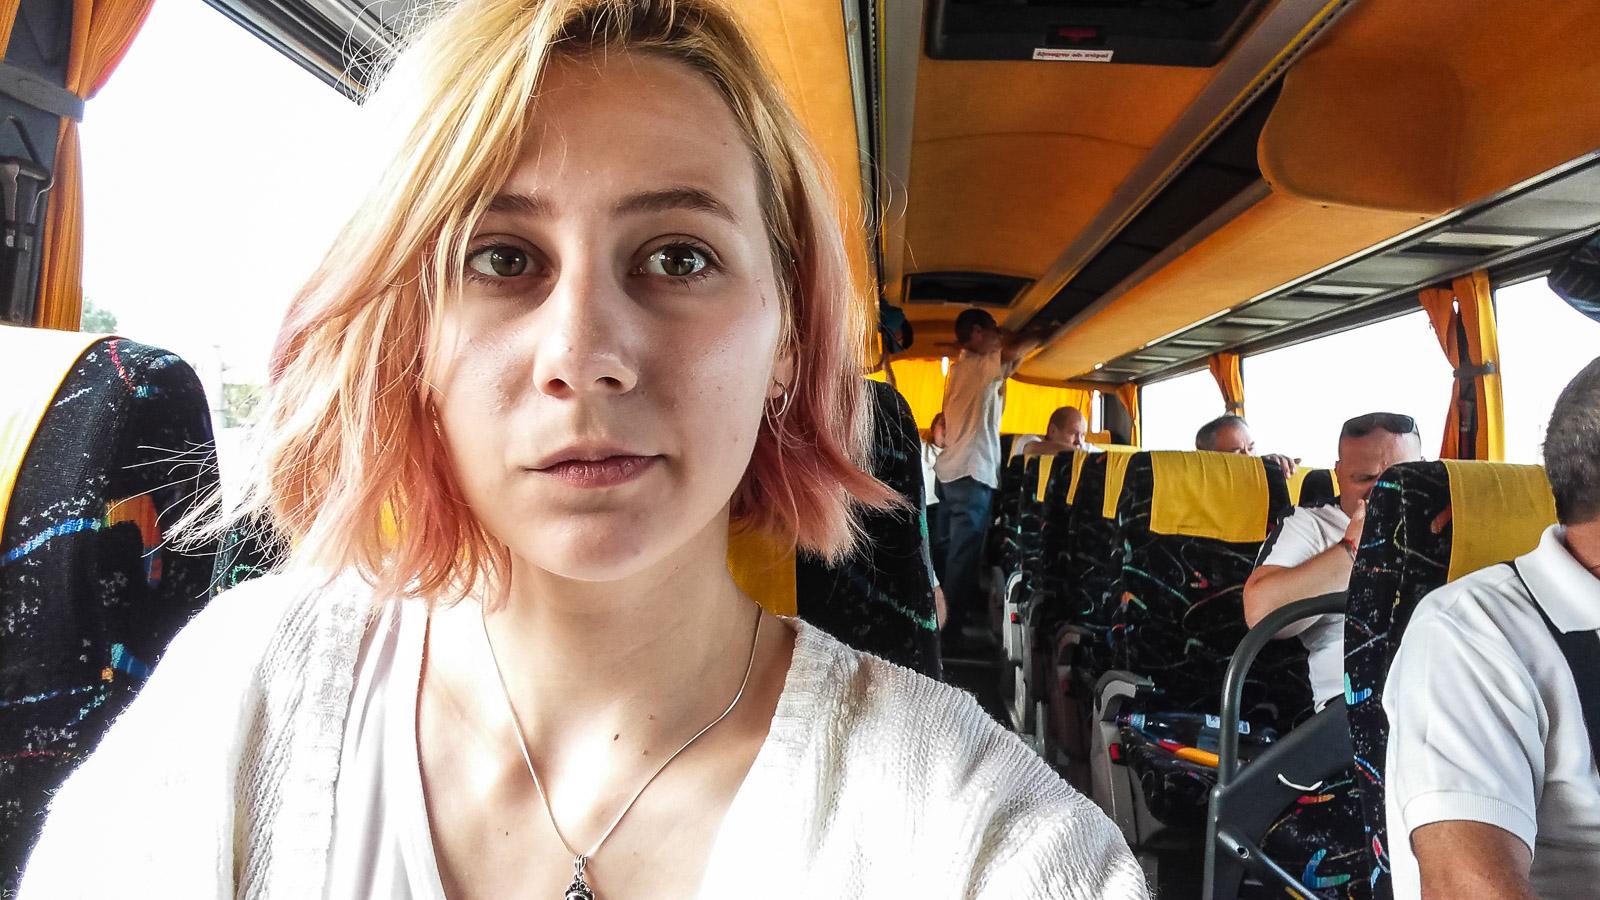 Dragnea - Cine va pierde de pe urma mitingului PSD-ALDE - Pagina 2 1528640180790-Miting-PSD-oamenii-din-Vaslui-2